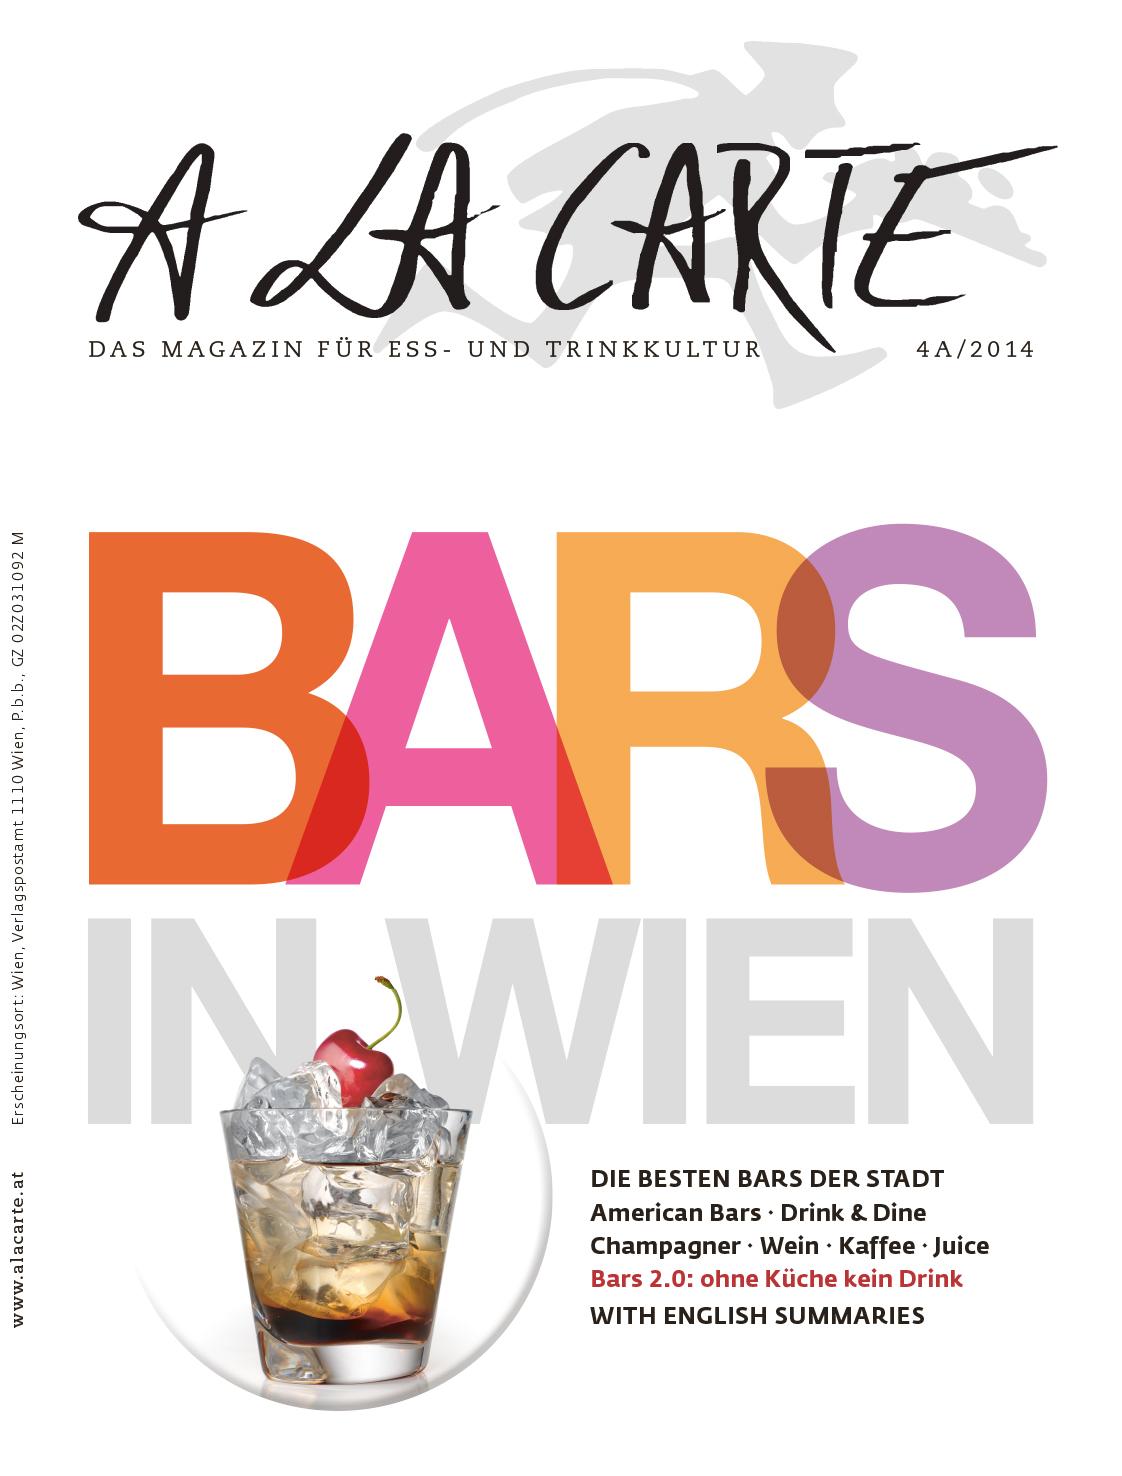 A la Carte: Bars in Wien: Die besten Bars der Stadt: American Bars; Drink & Dine; Champagner; Wein; Kaffee; Juice. Bars 2.0: ohne Küche keine Drinks